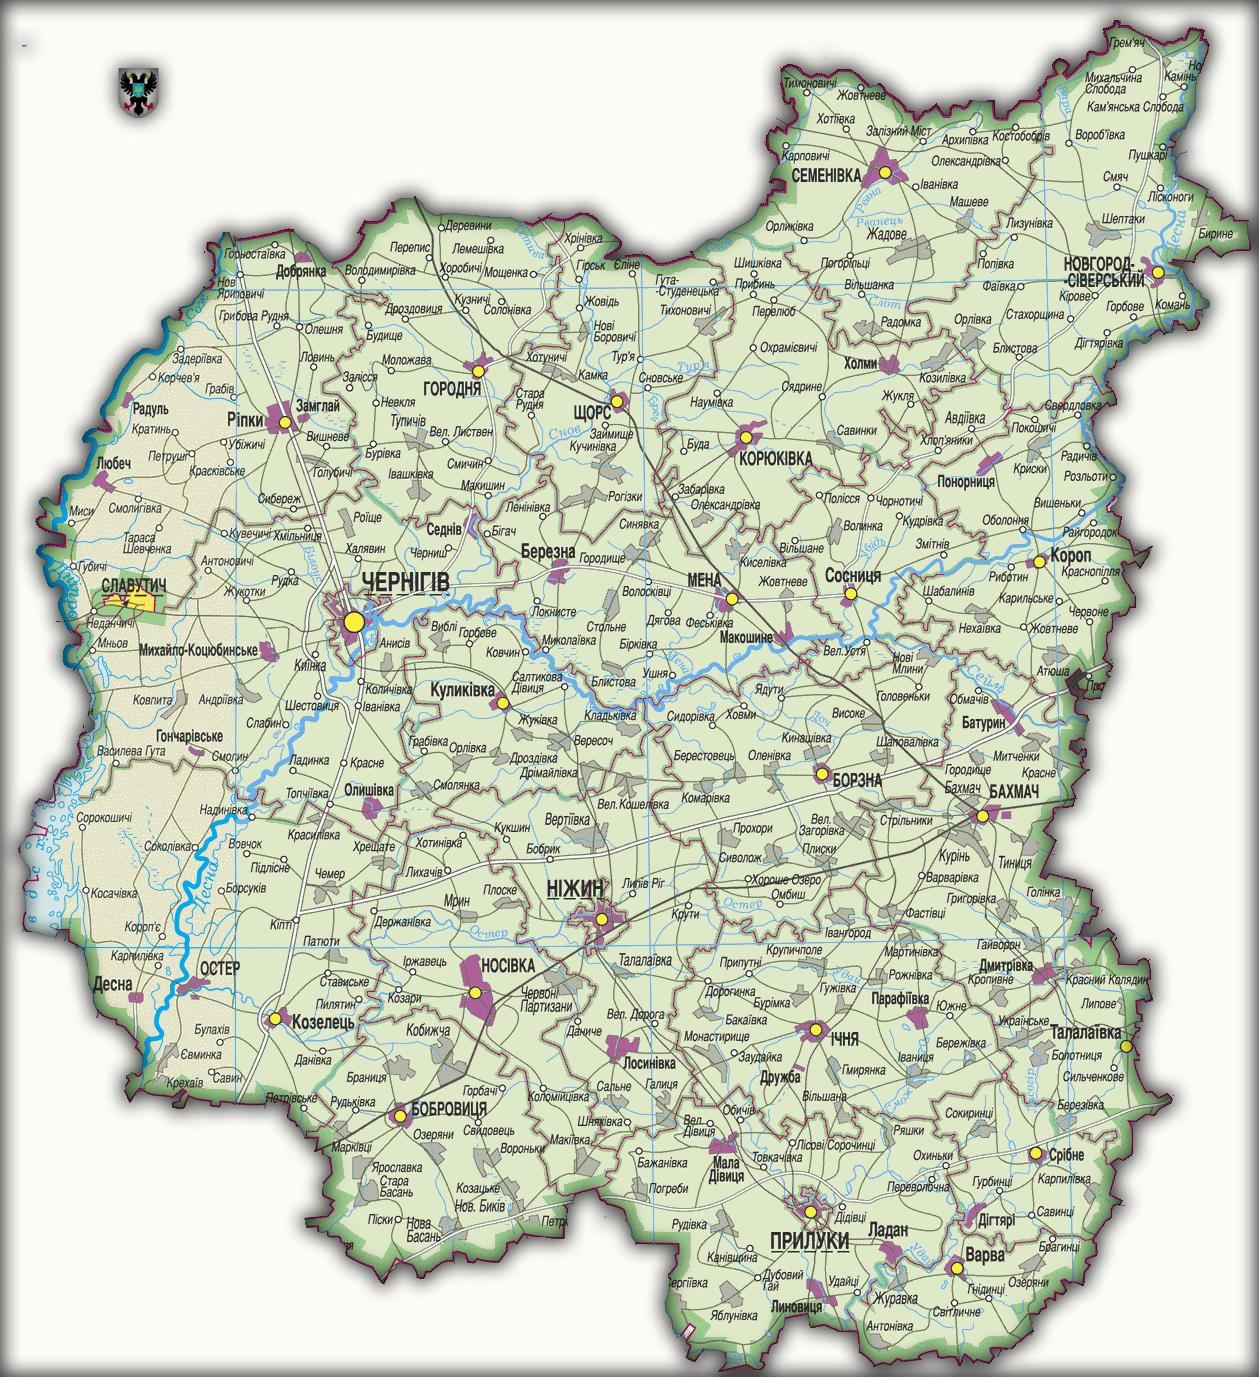 Топографическая карта Черниговской области